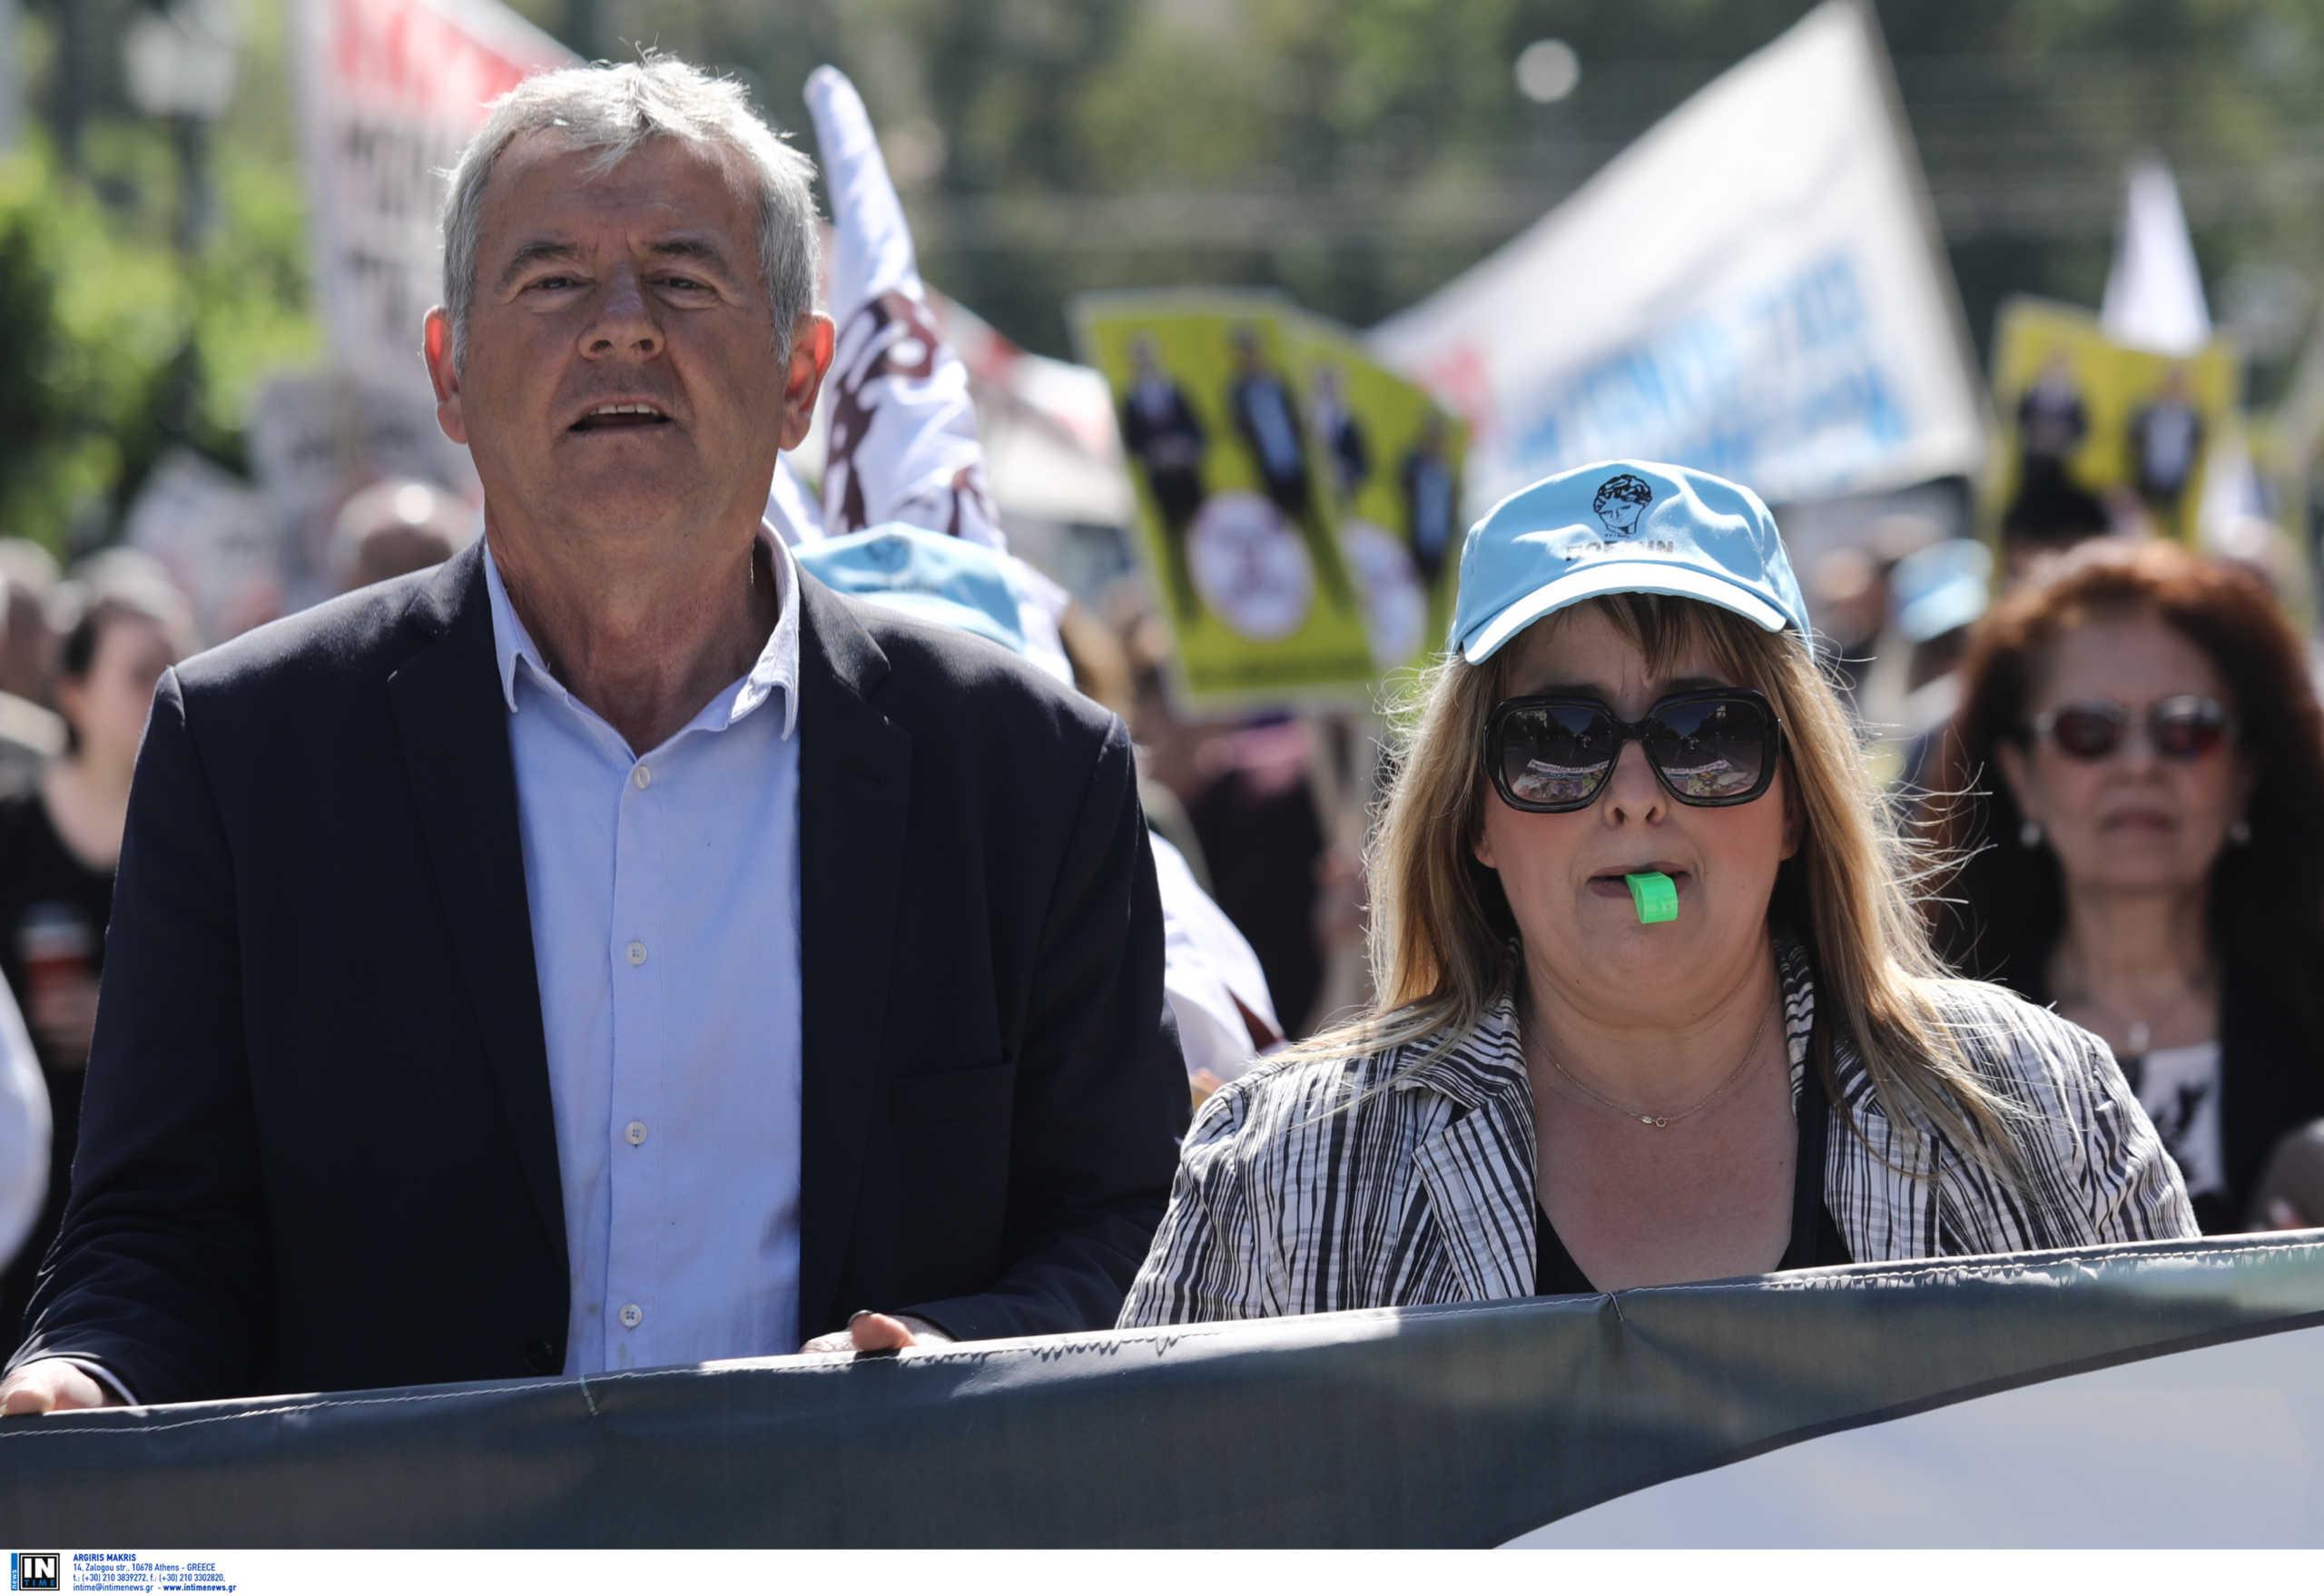 """Θεσσαλονίκη: Πορεία εργαζομένων στο Ιπποκράτειο για την ανανέωση συμβάσεων! """"Δεν υπάρχουν άλλα περιθώρια"""""""